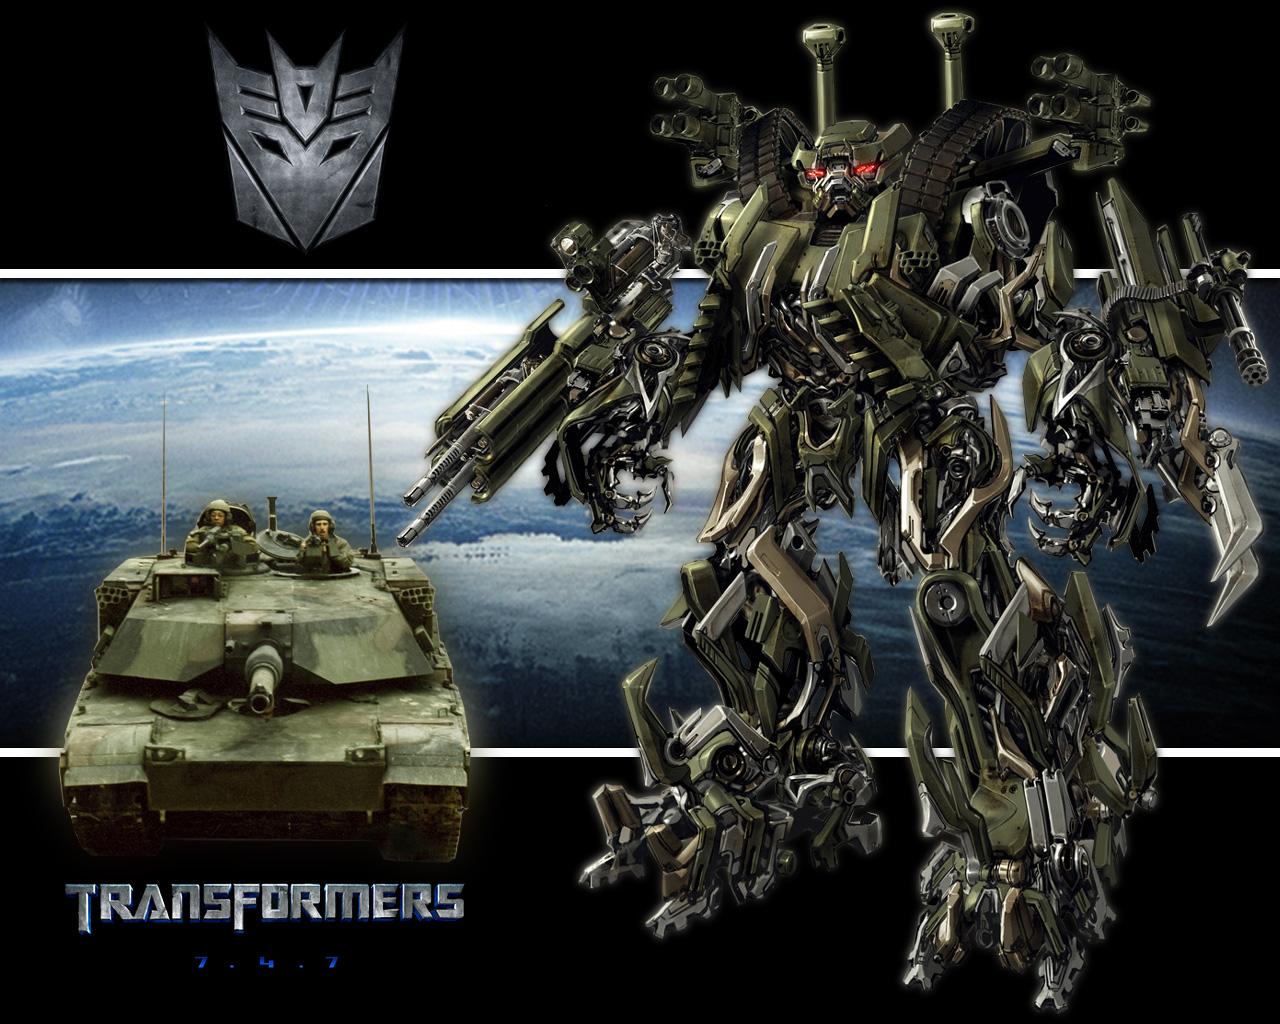 Brawl - Transformers by Rhanubis